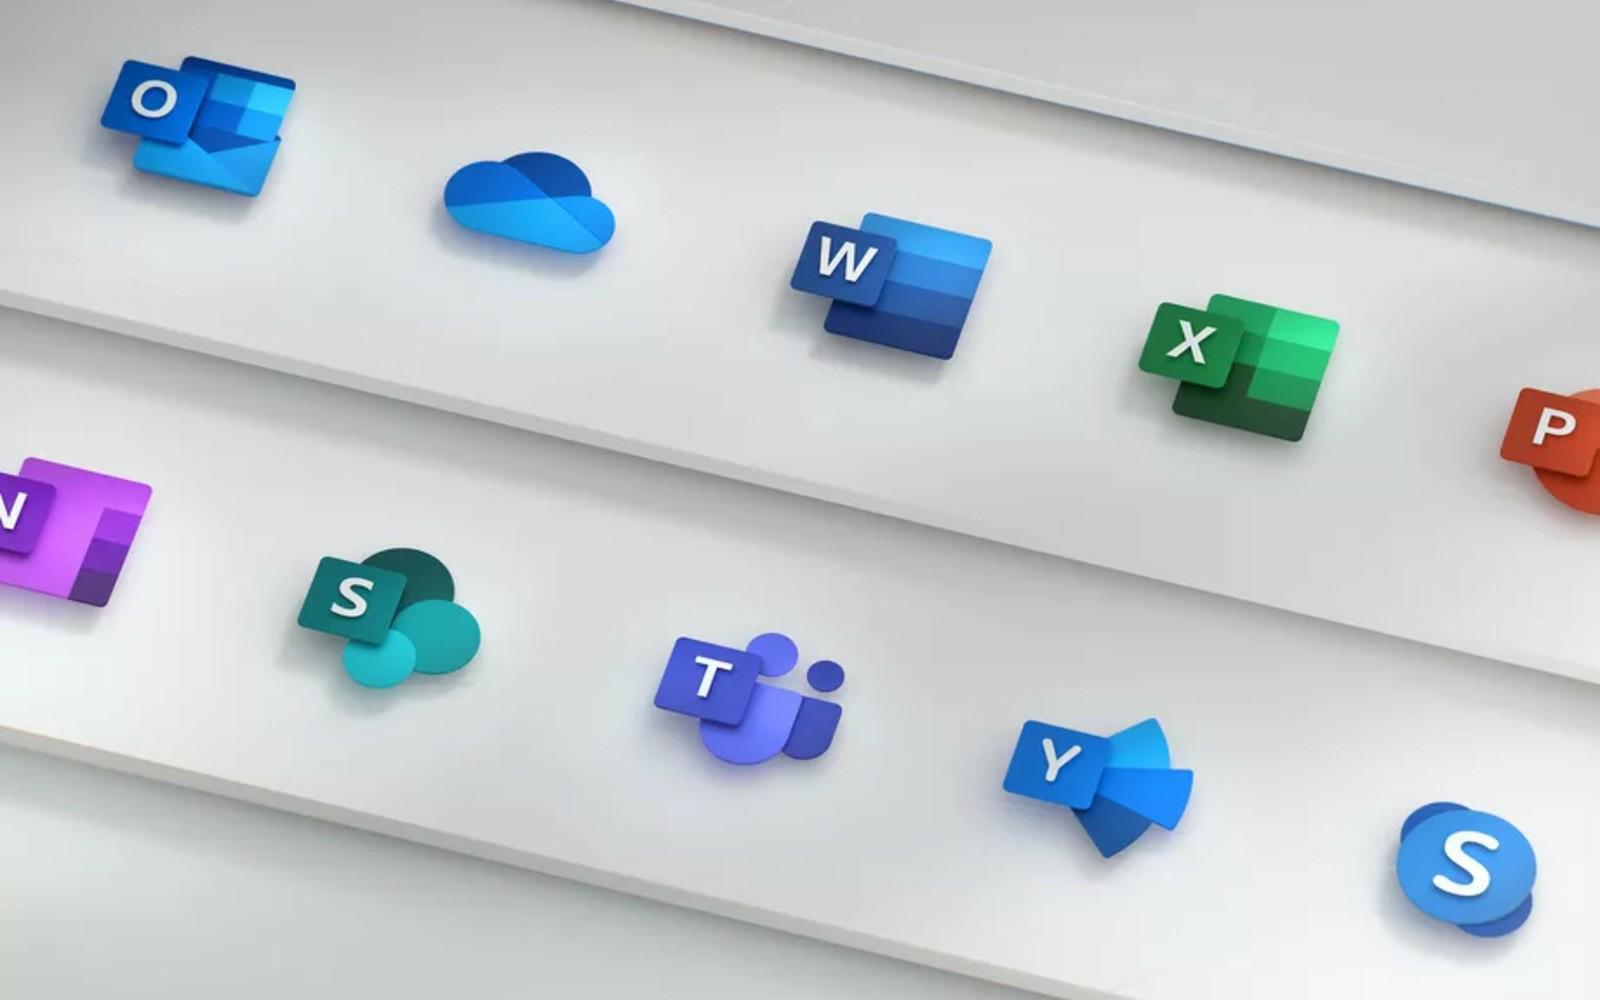 تعرف على أسعار حزمة أوفيس 2021 الجديدة من مايكروسوفت